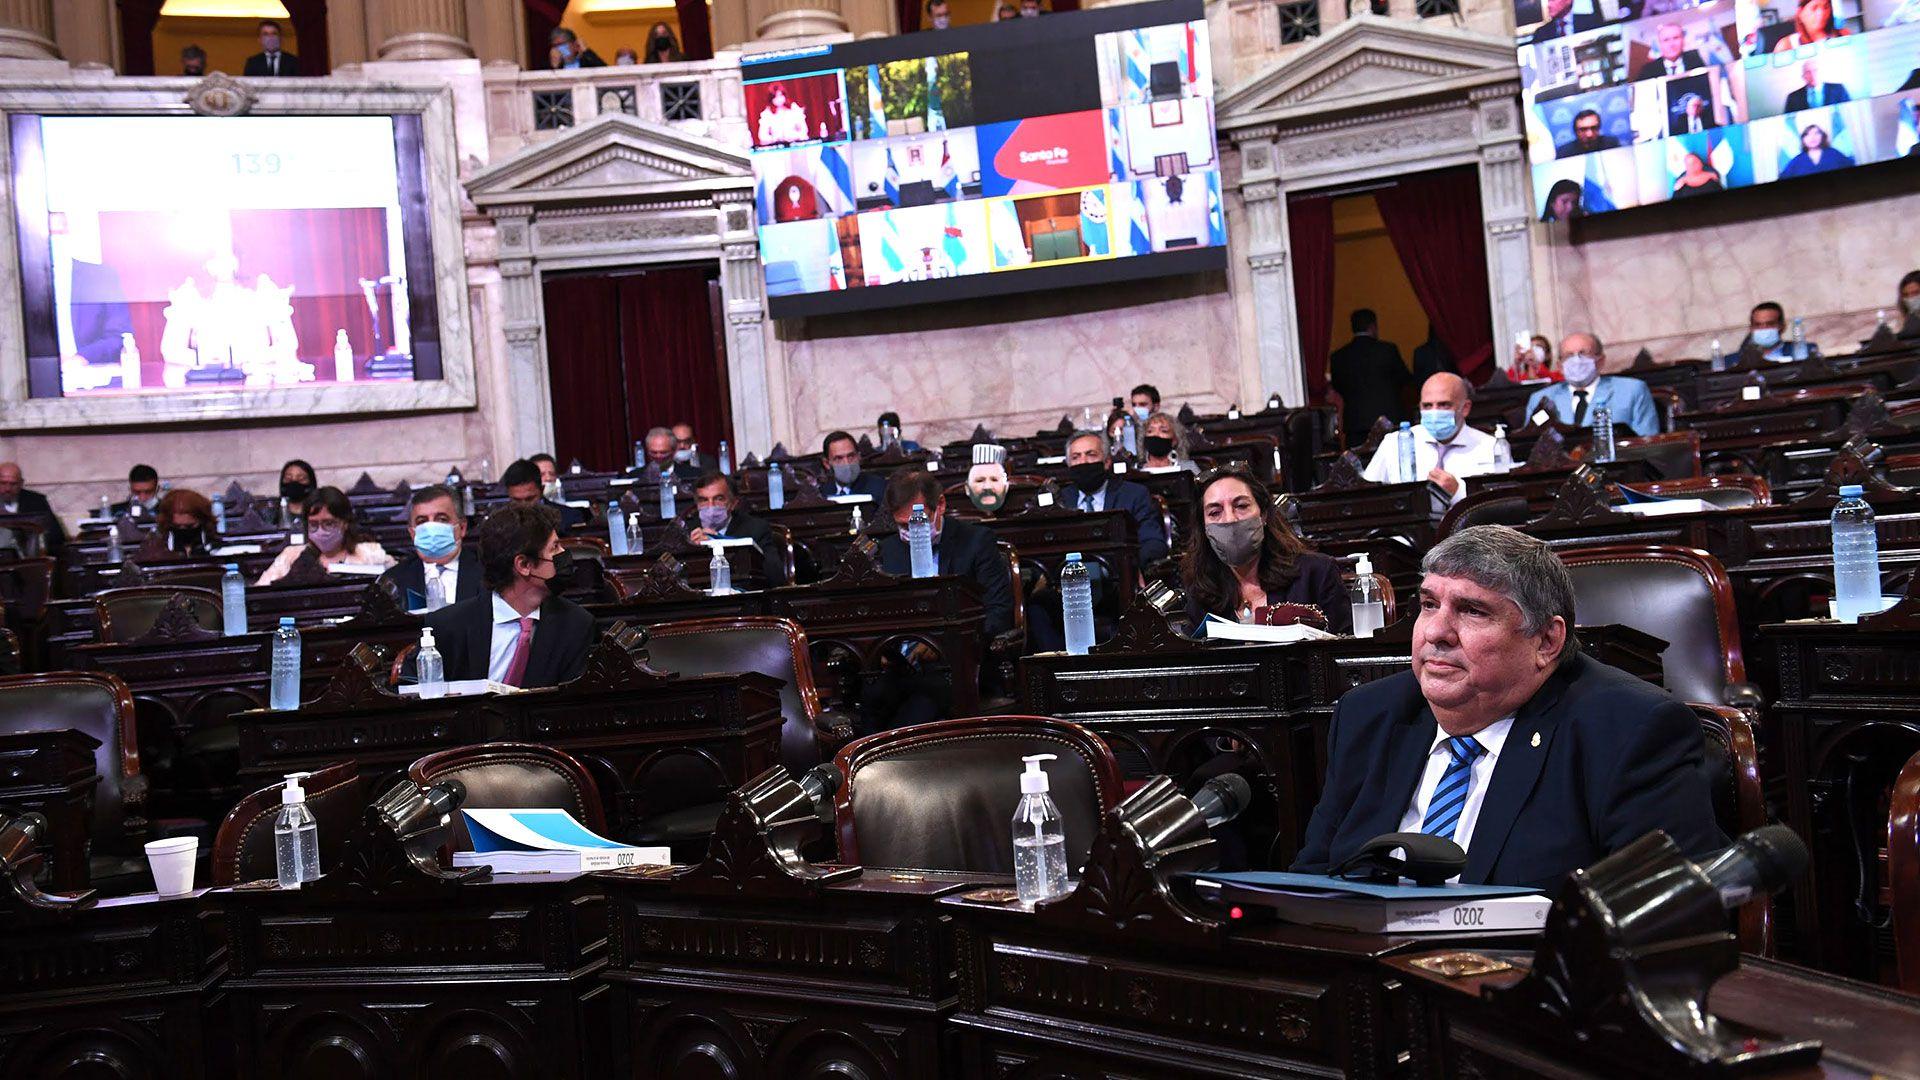 Asamblea-Legislativa---sesiones-ordinarias-en-el-Congreso-de-la-nacion---2021-cristina kirchner alberto fernandez senadores